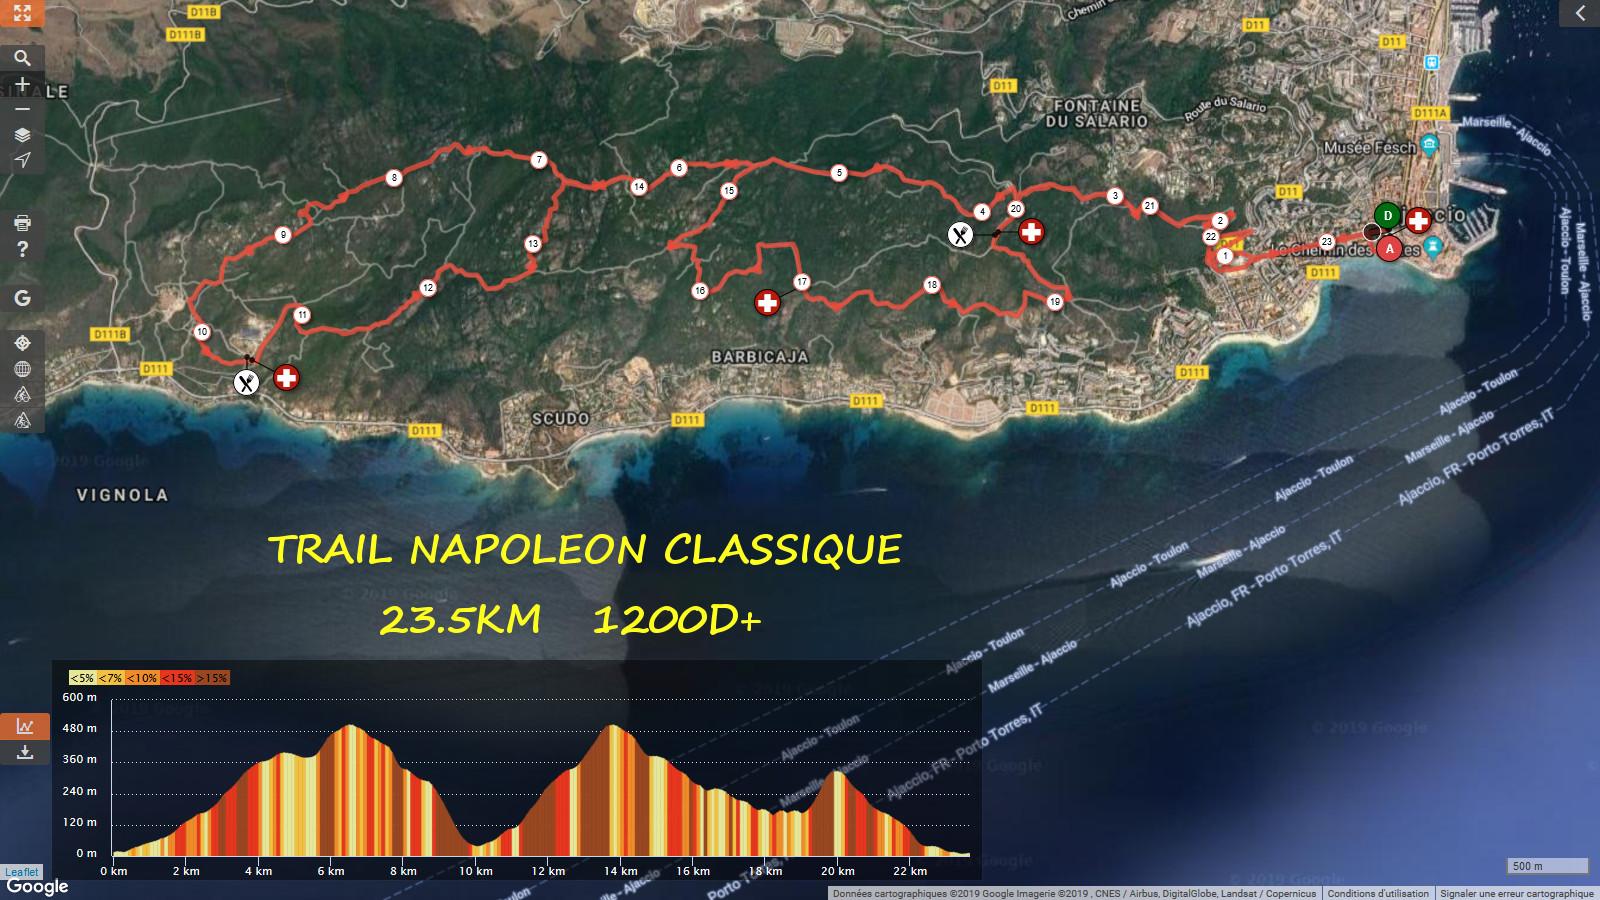 Parcours Trail Napoléon Classique (23 km) Détaillé (Maj 10/09/2017)